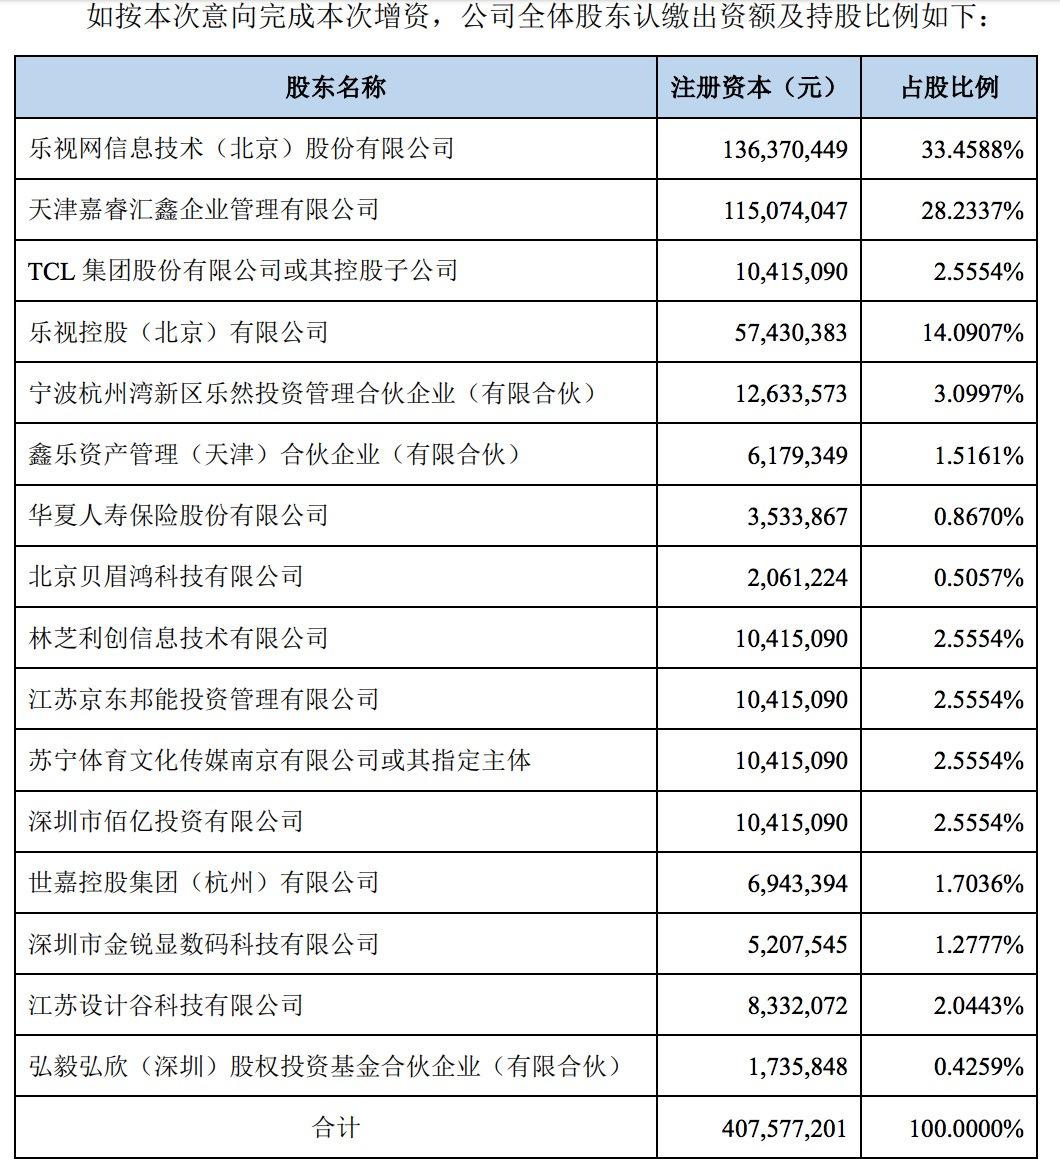 乐视网:腾讯、京东、苏宁将增资新乐视智家,各出资3亿